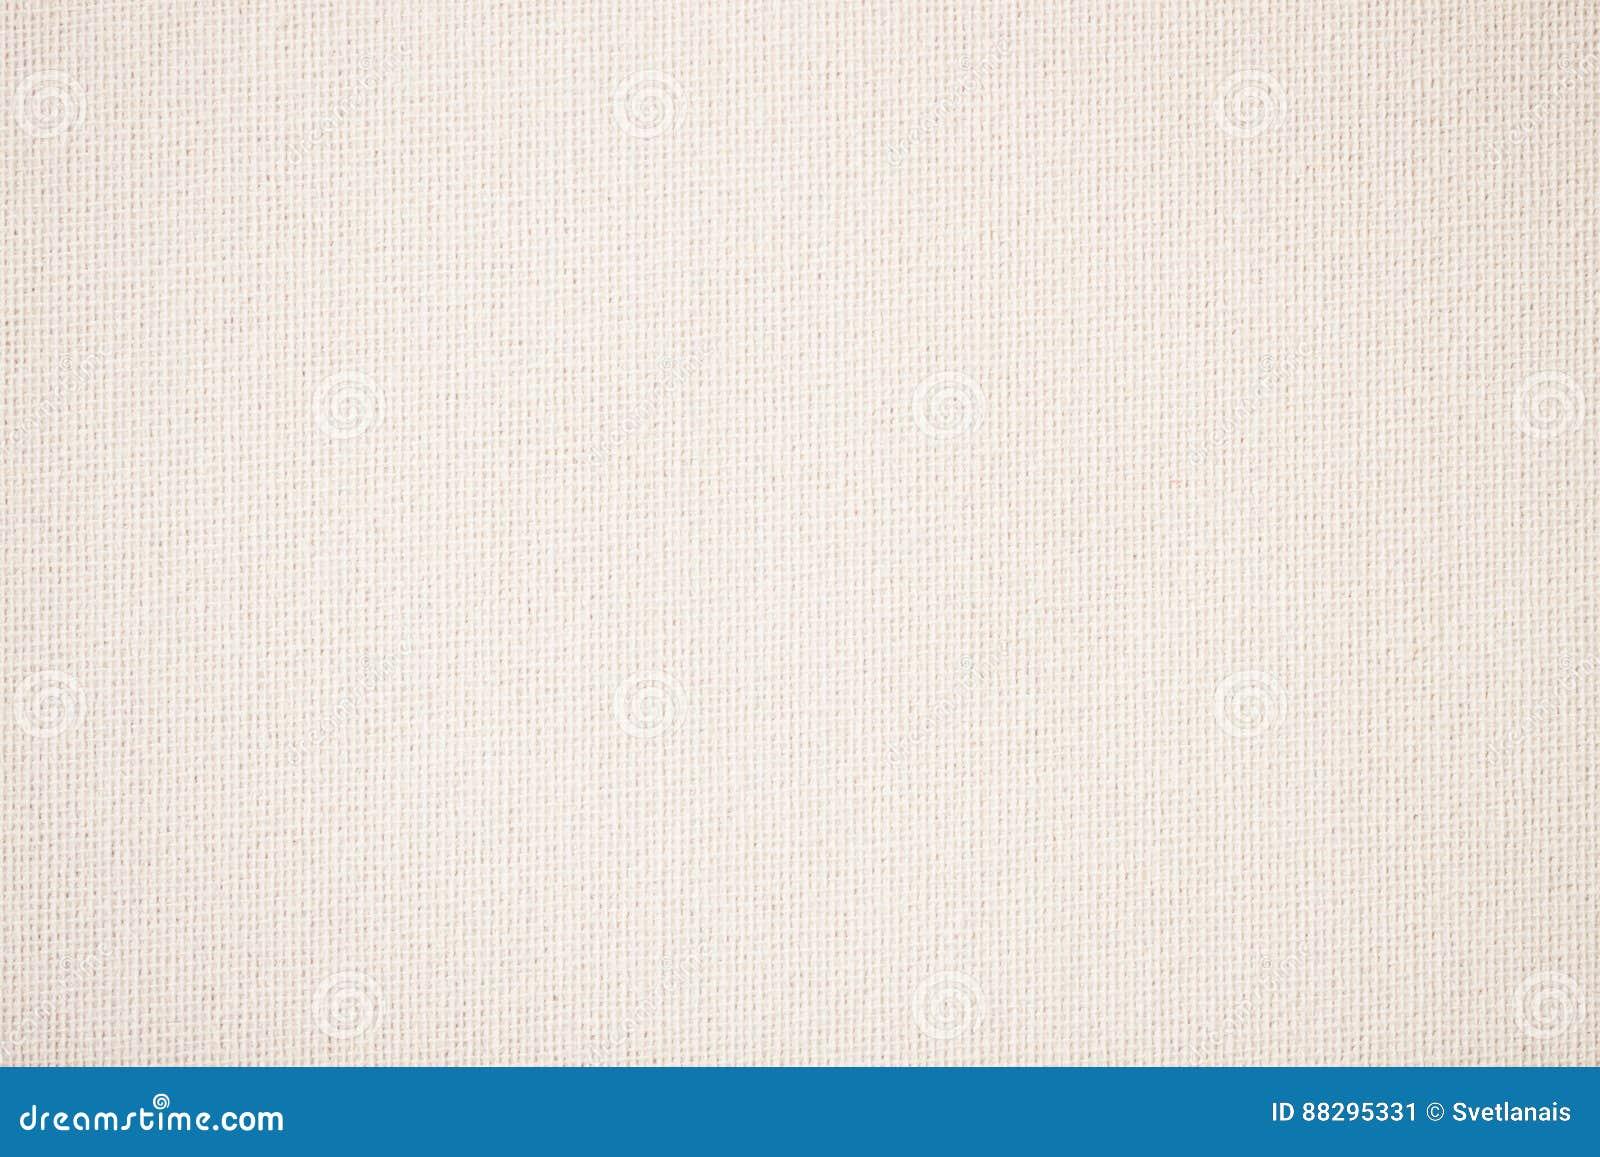 Toile Sac Toile Tissu Jute Mod Le De Texture Pour Le Fond